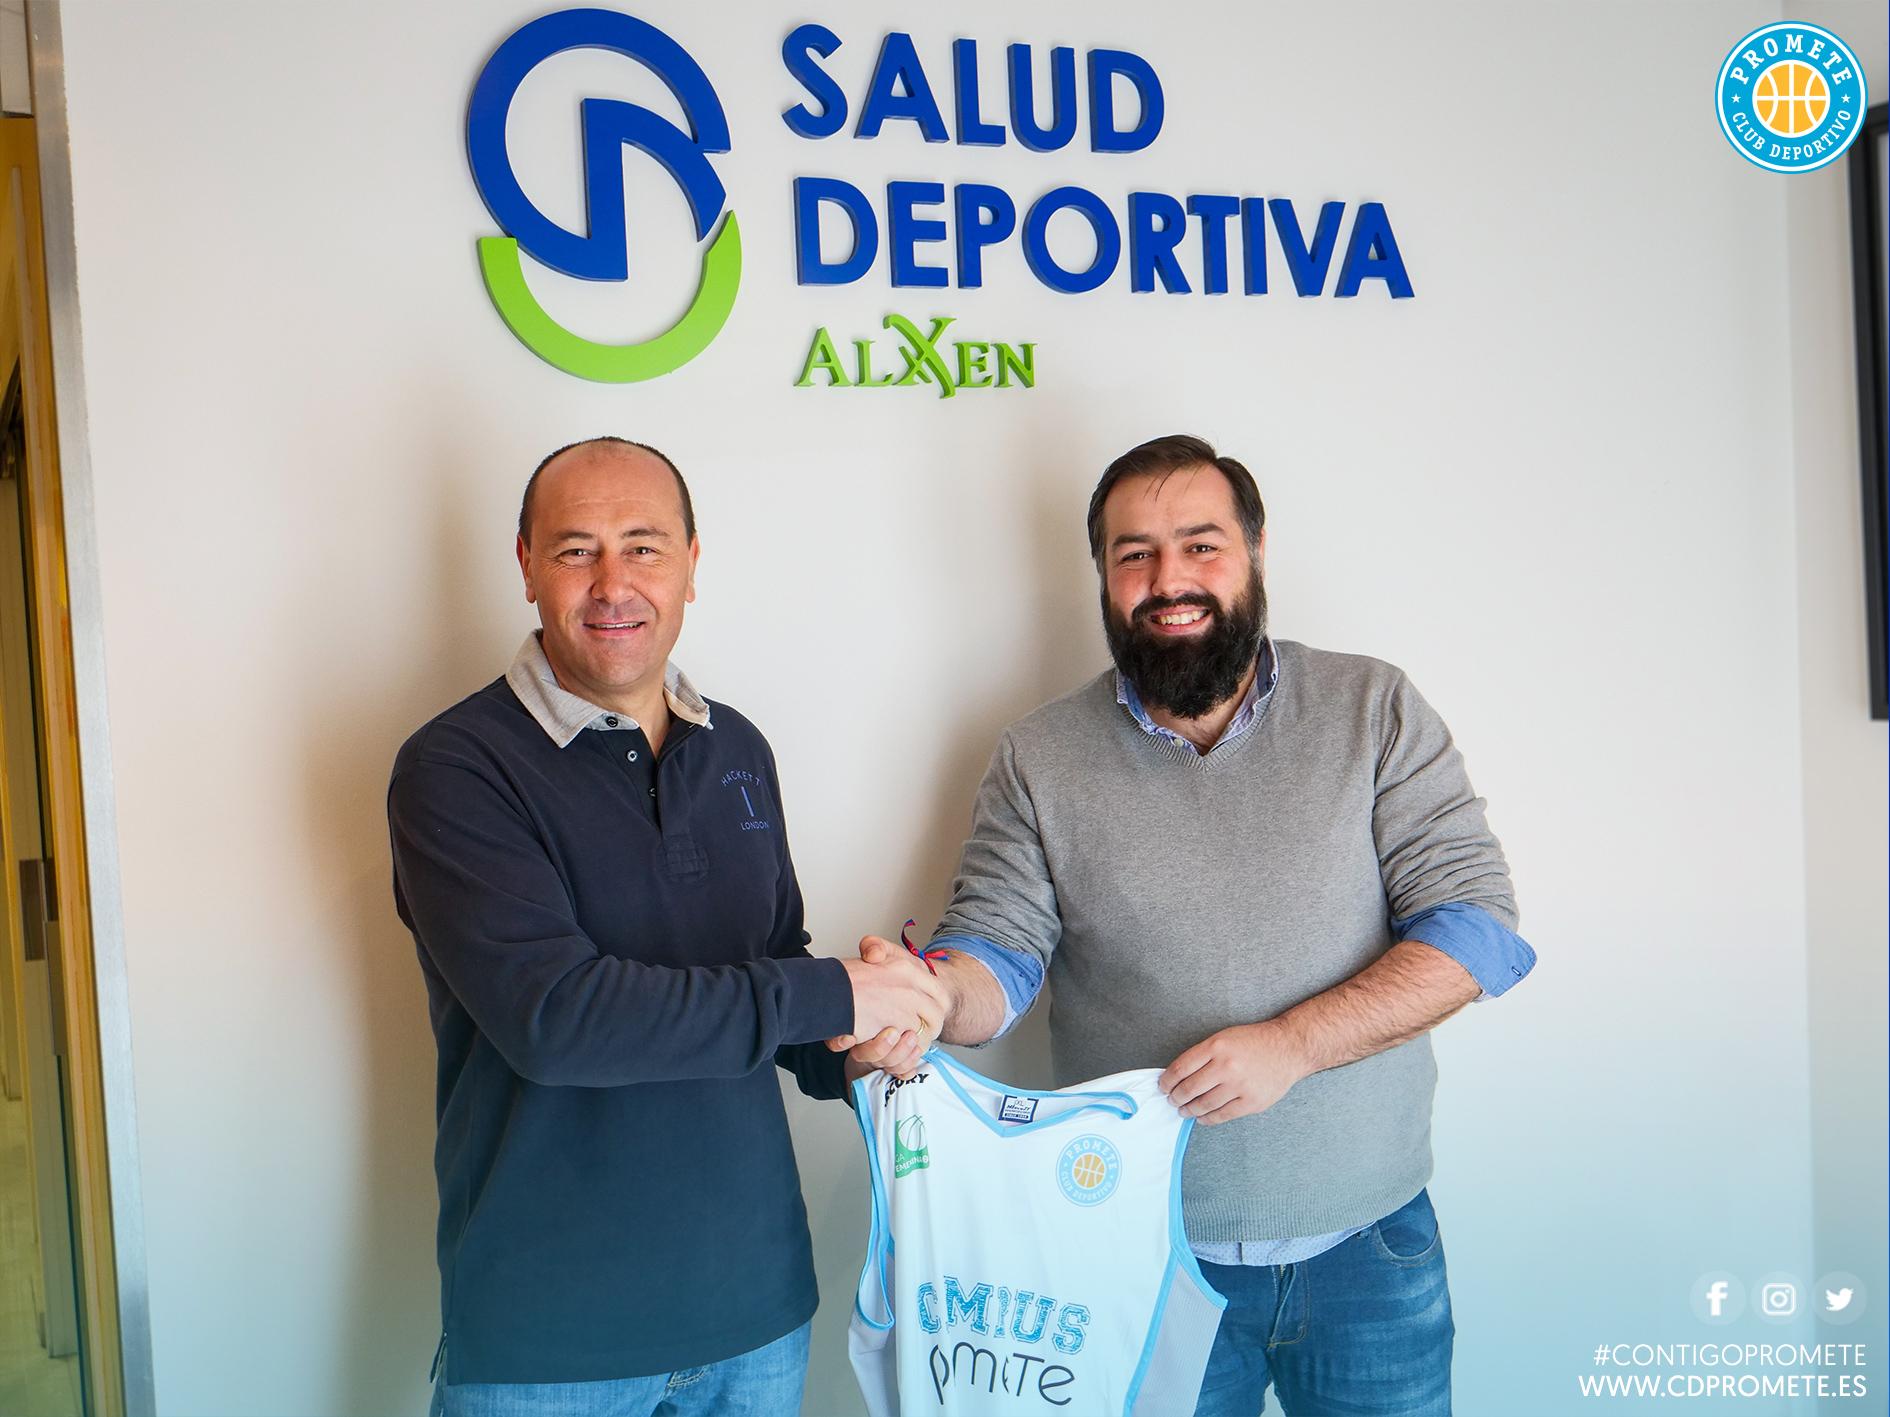 La Unidad de Salud Deportiva de la Clínica Alxen y Club Deportivo Promete unen sus caminos en la búsqueda de la excelencia deportiva